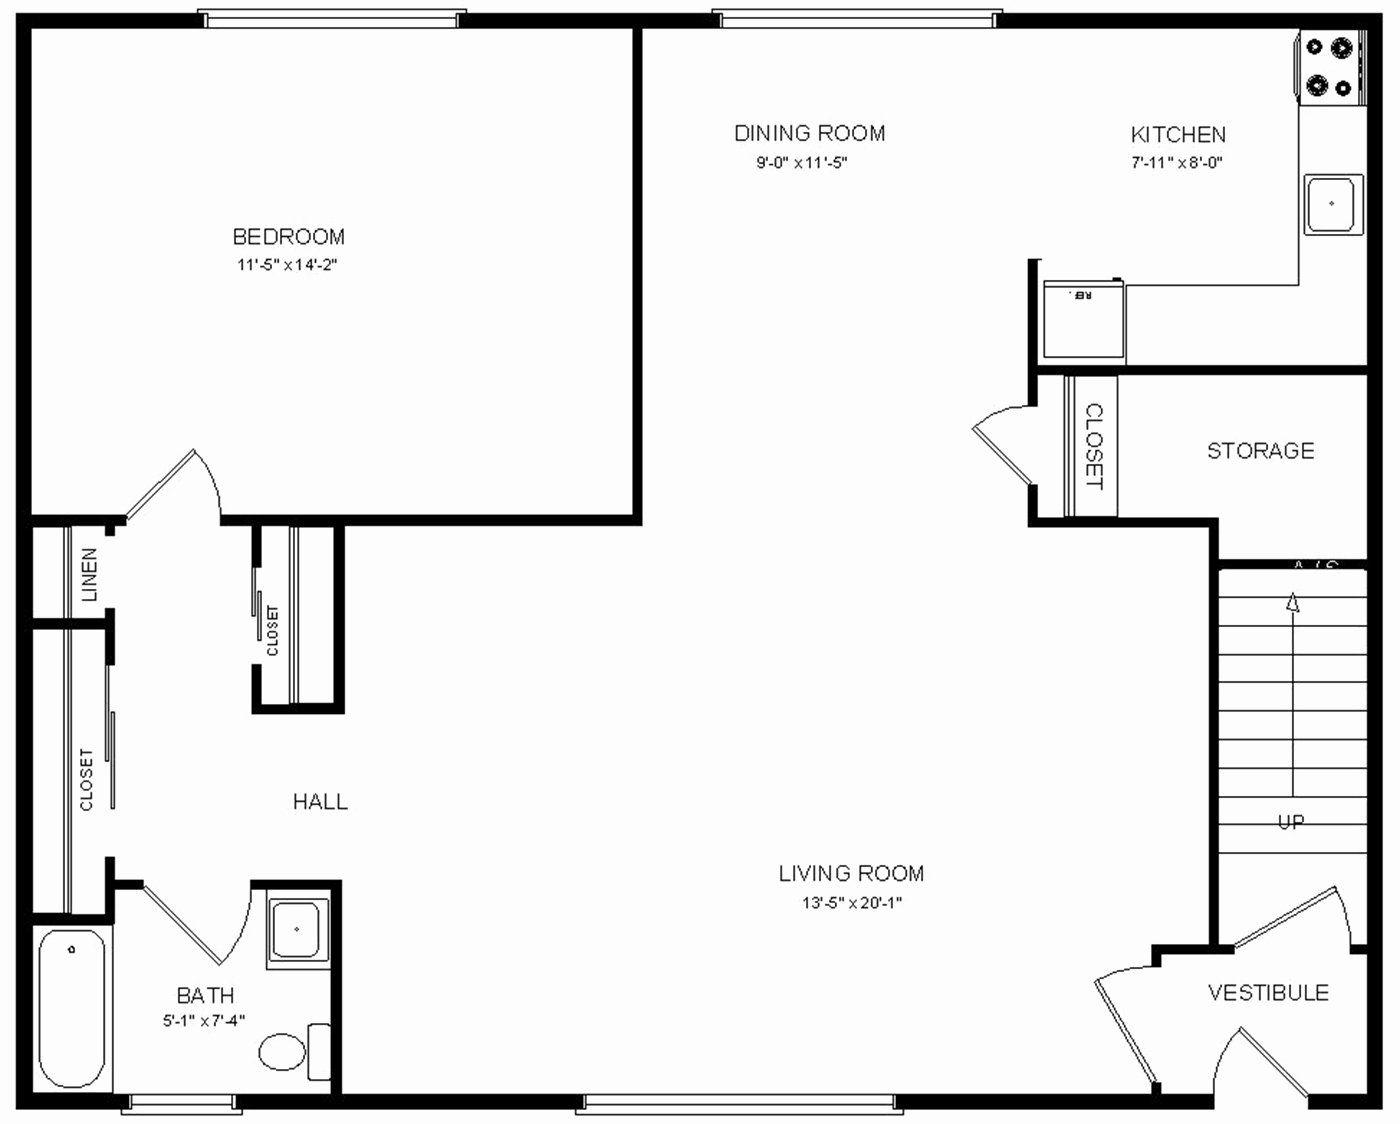 Blank Floor Plan Template Luxury Printable Floor Plan Templates Pdf Woodworking Free Floor Plans Floor Plans Floor Plan Design